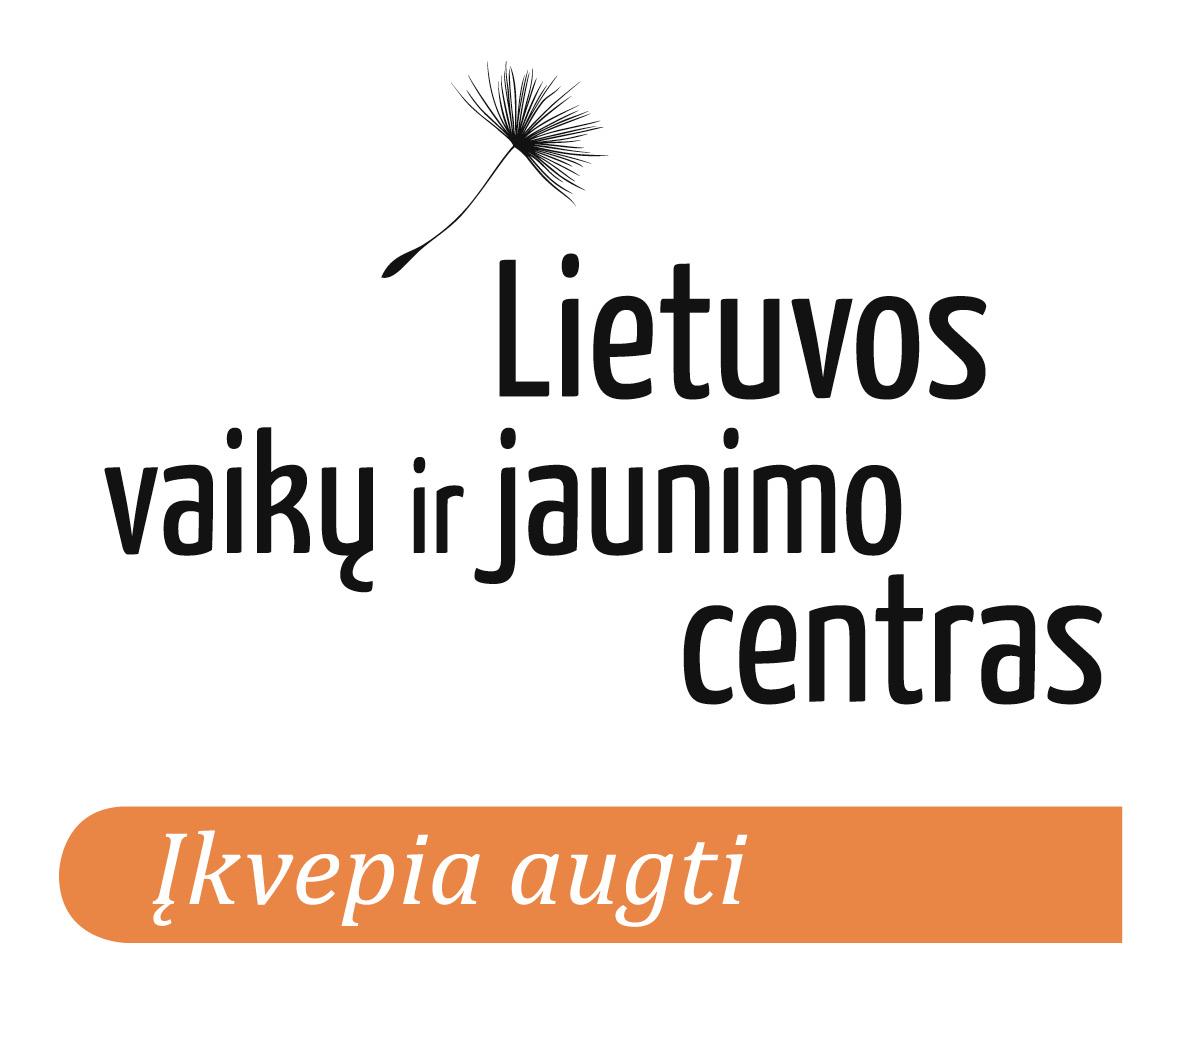 Lietuvos vaikų ir jaunimo centras